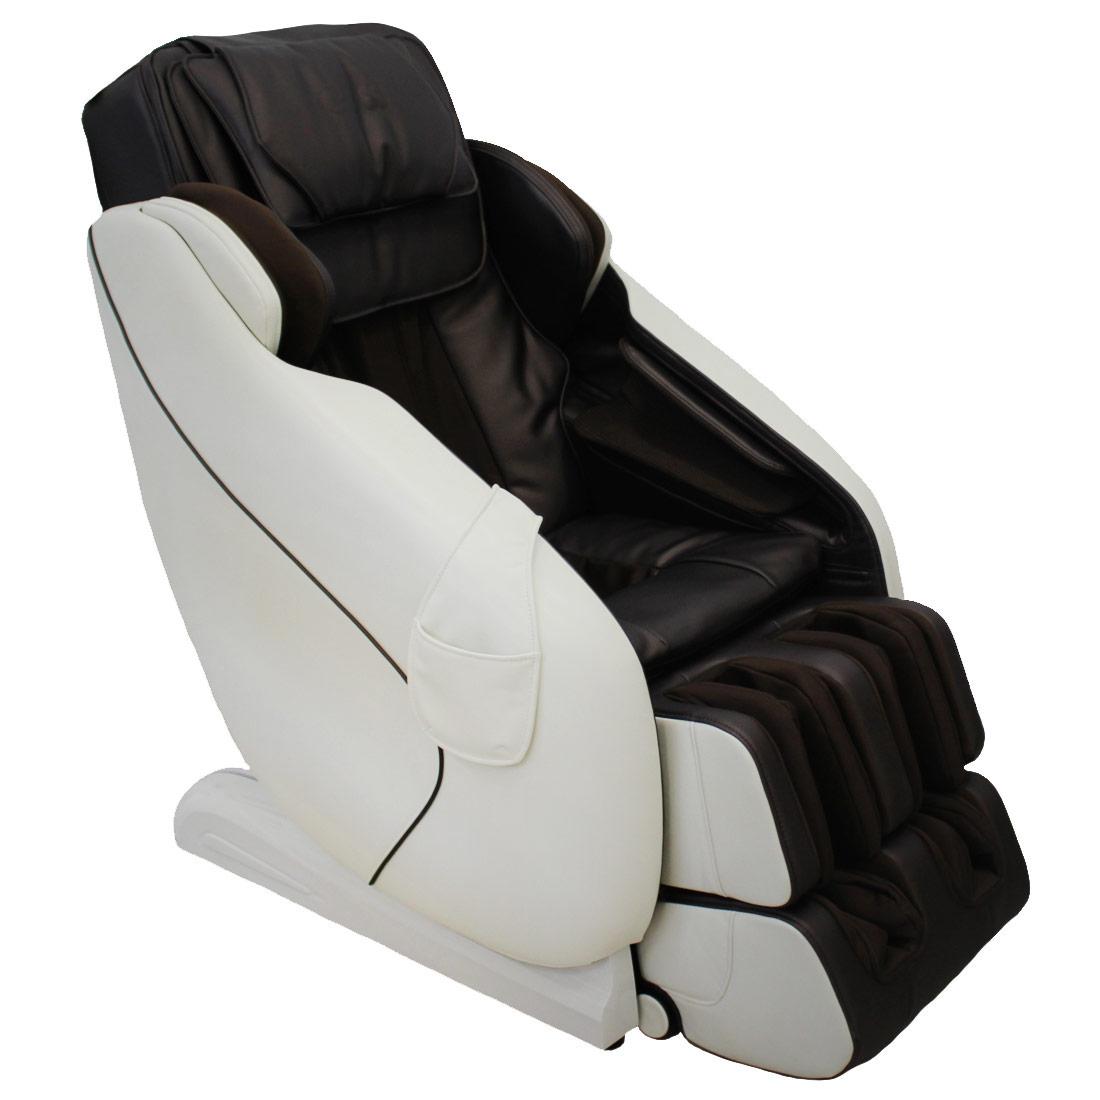 Imperial массажное кресло (бежево-коричневое)